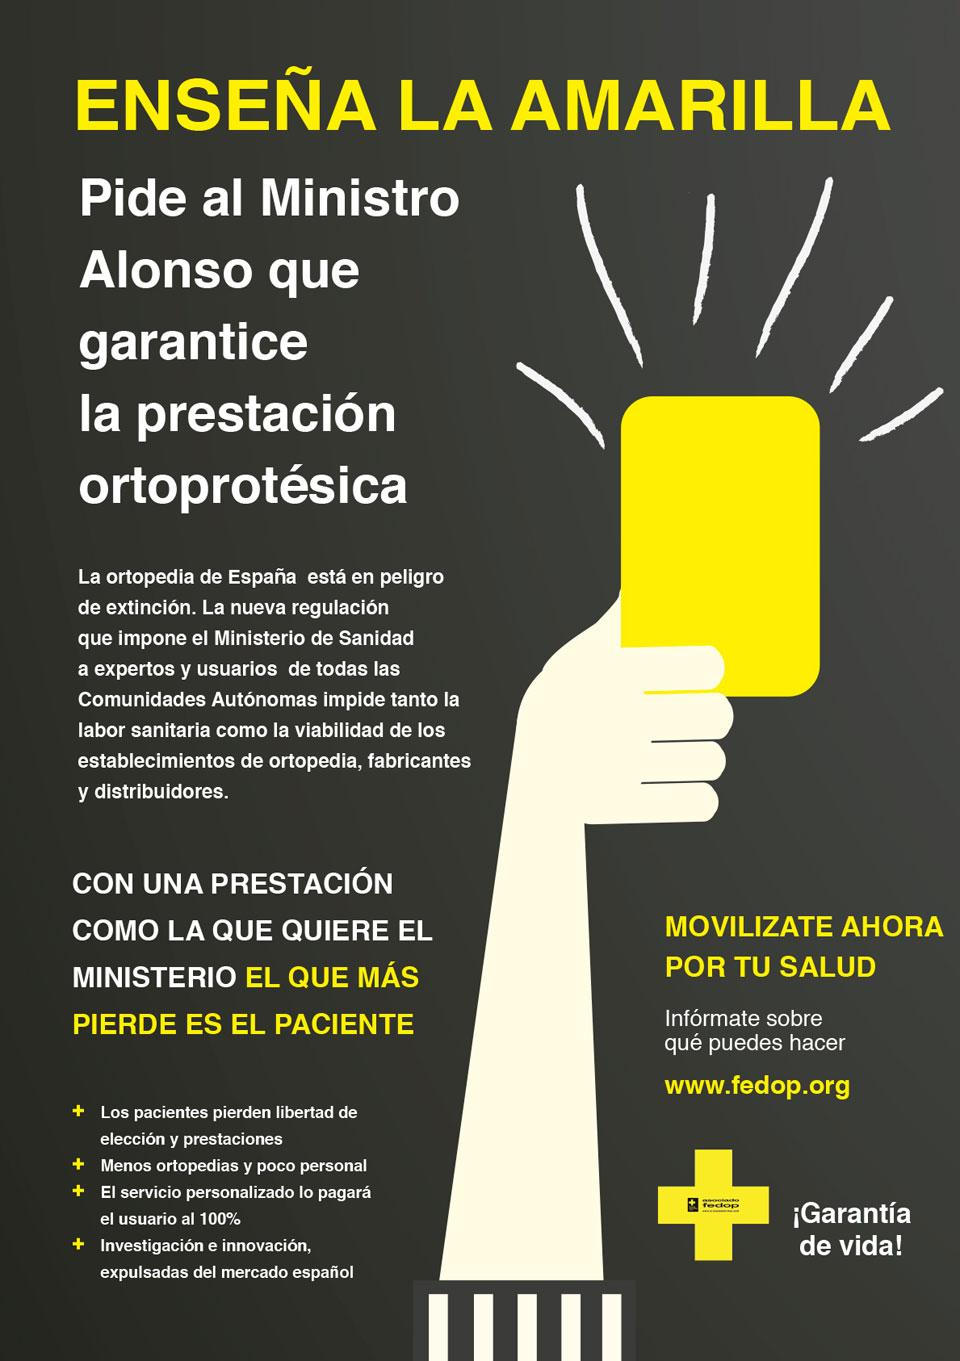 Pide al Ministro Alonso que garantice la prestación ortoprotésica